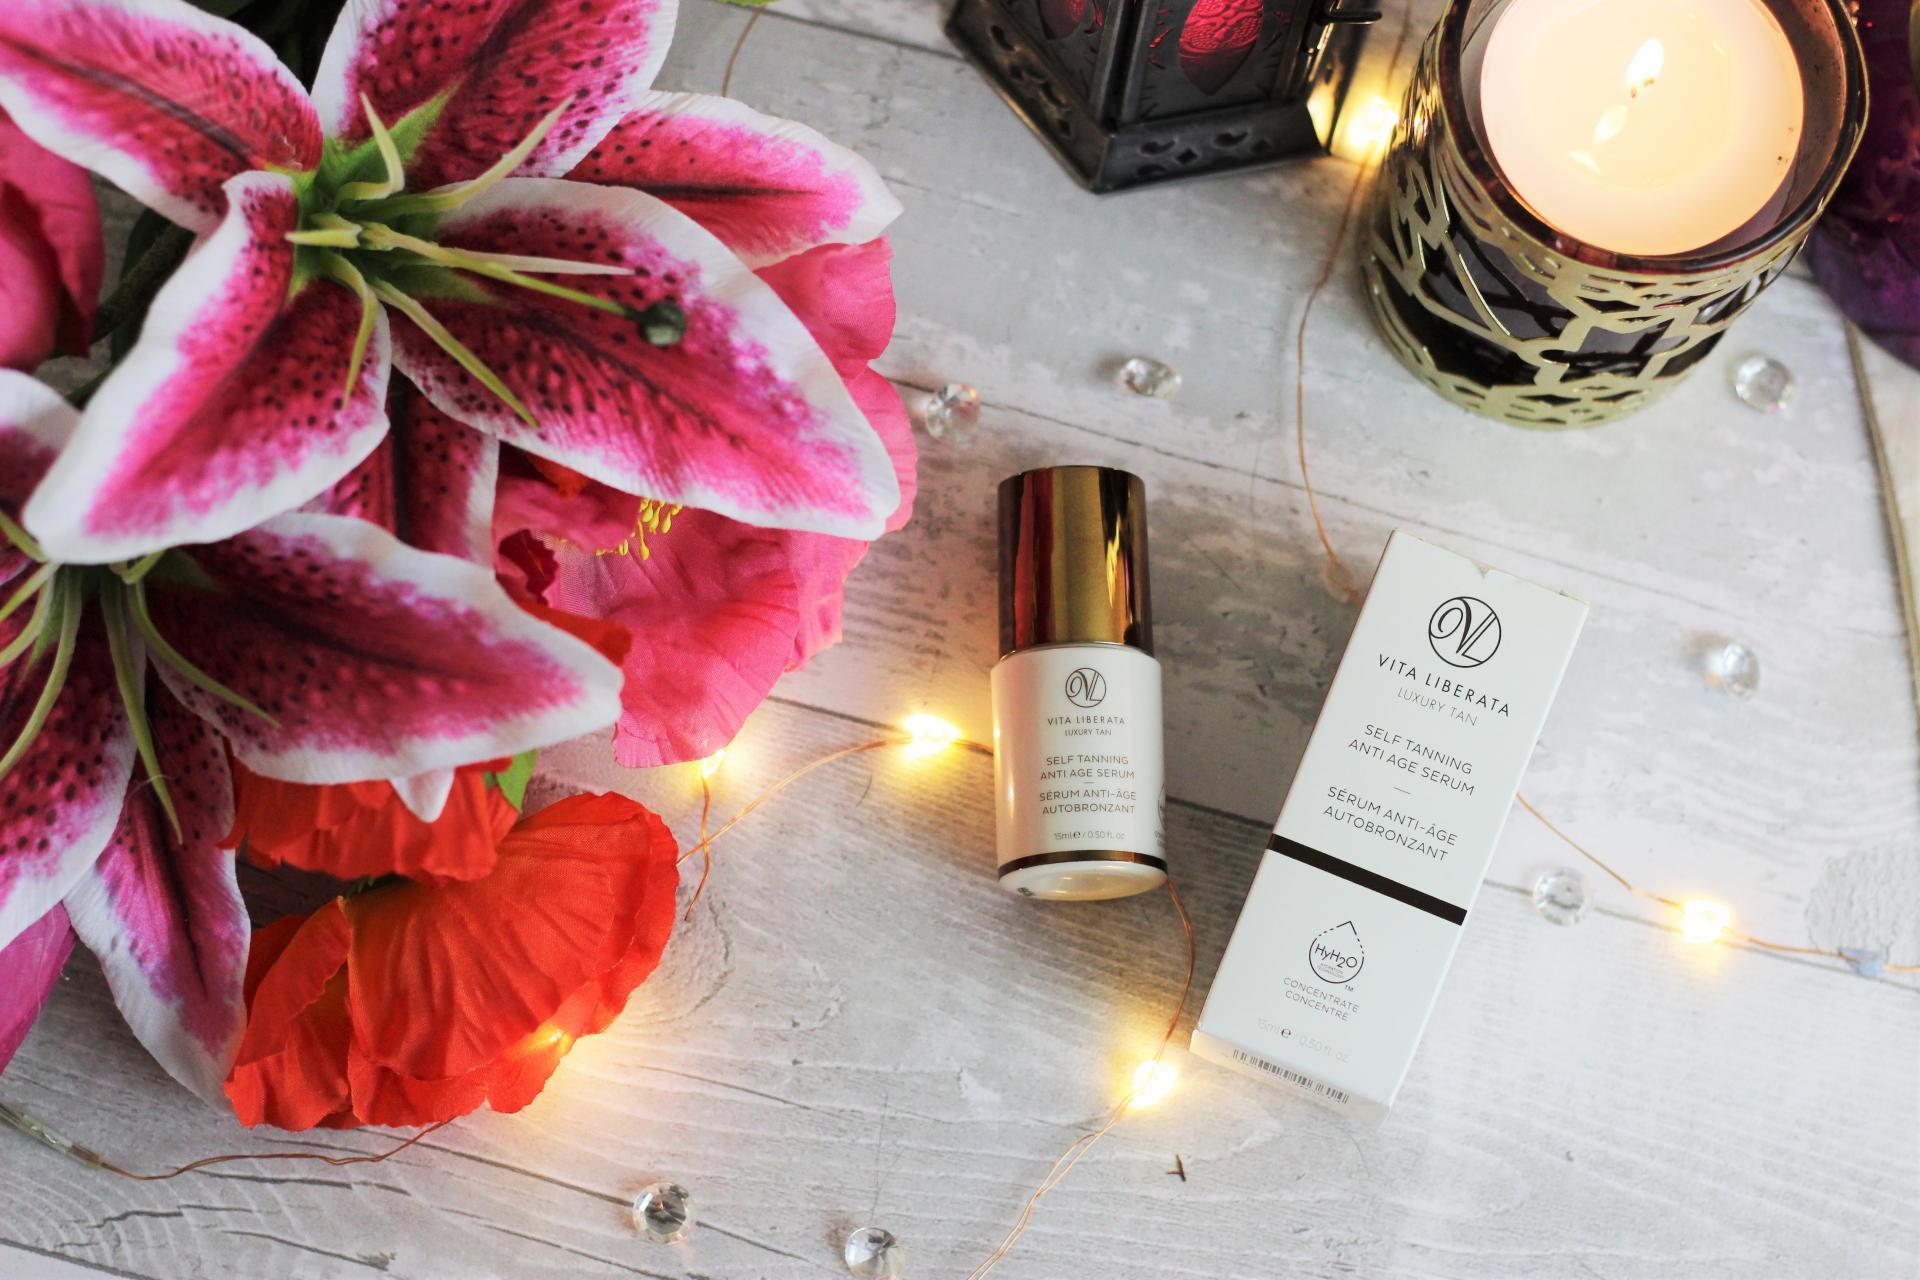 Vita Liberata Tanning Essentials